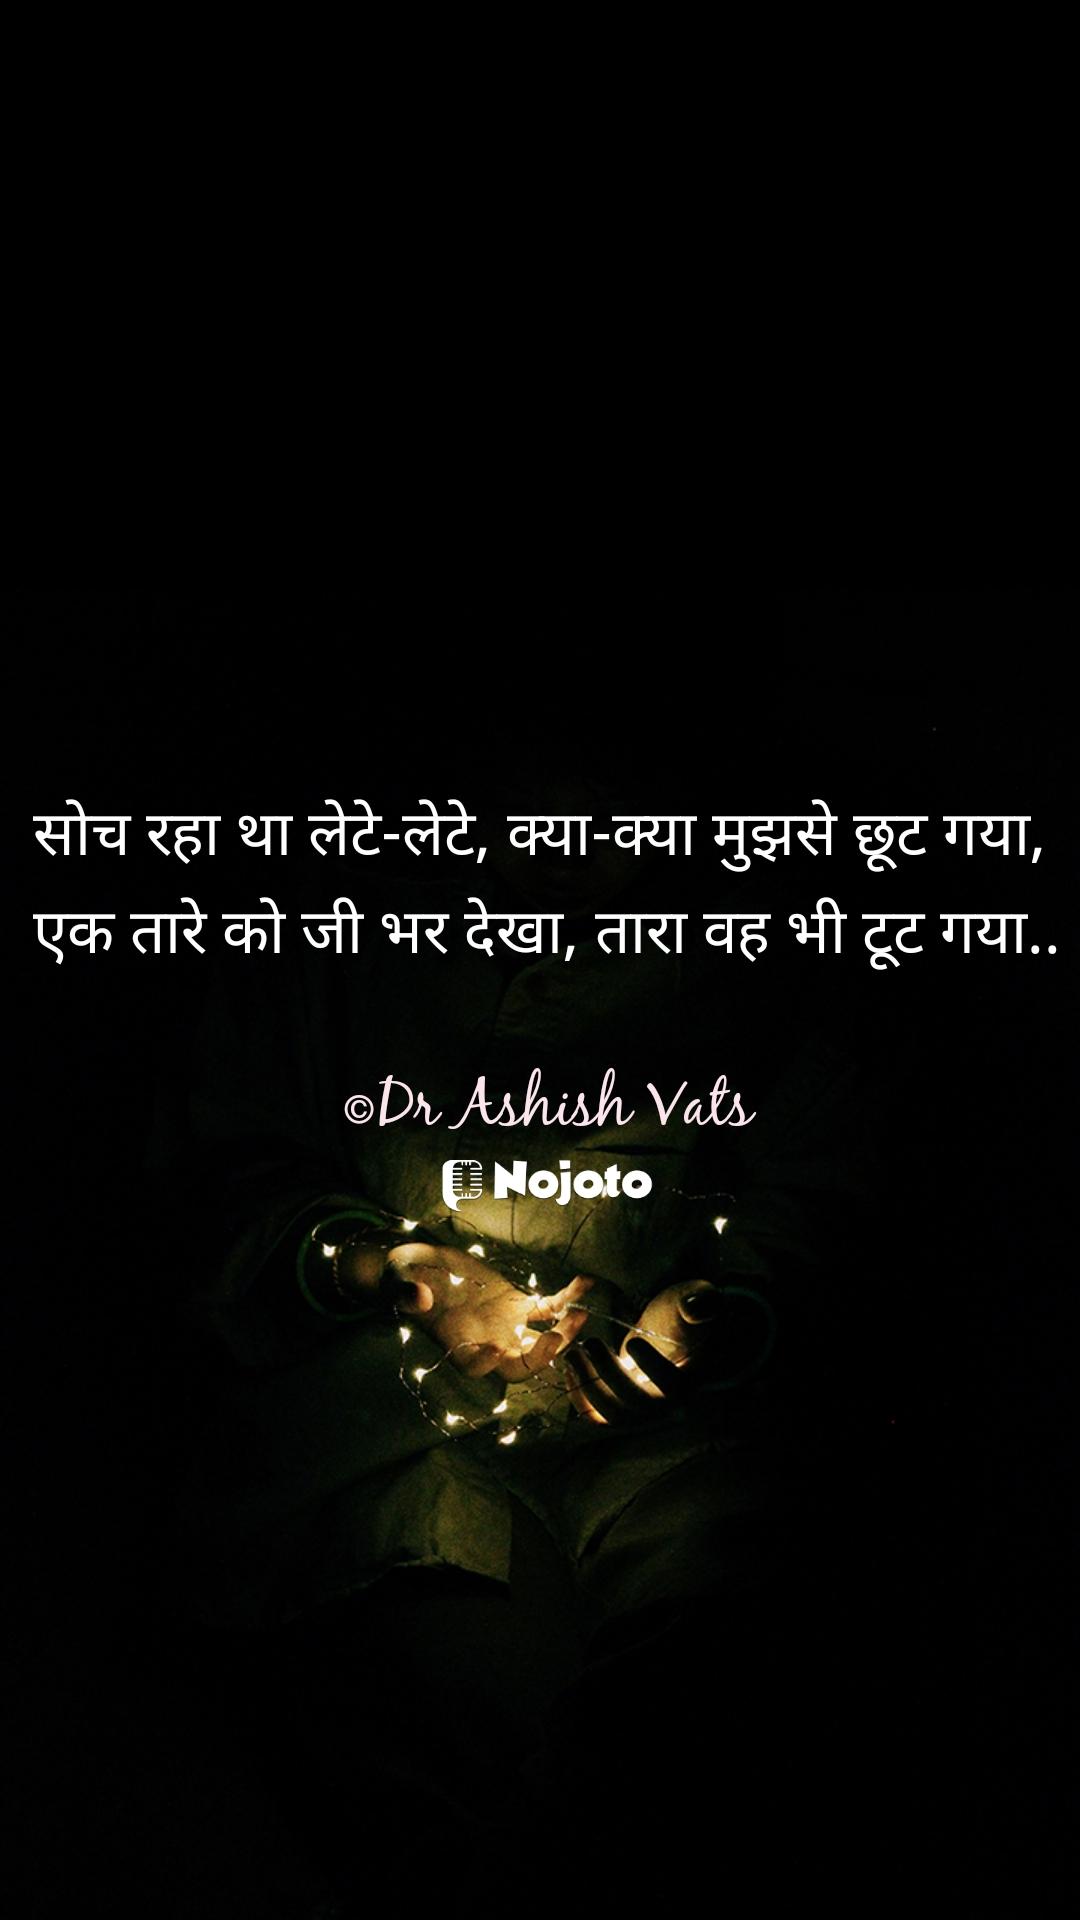 सोच रहा था लेटे-लेटे, क्या-क्या मुझसे छूट गया,  एक तारे को जी भर देखा, तारा वह भी टूट गया..  ©Dr Ashish Vats